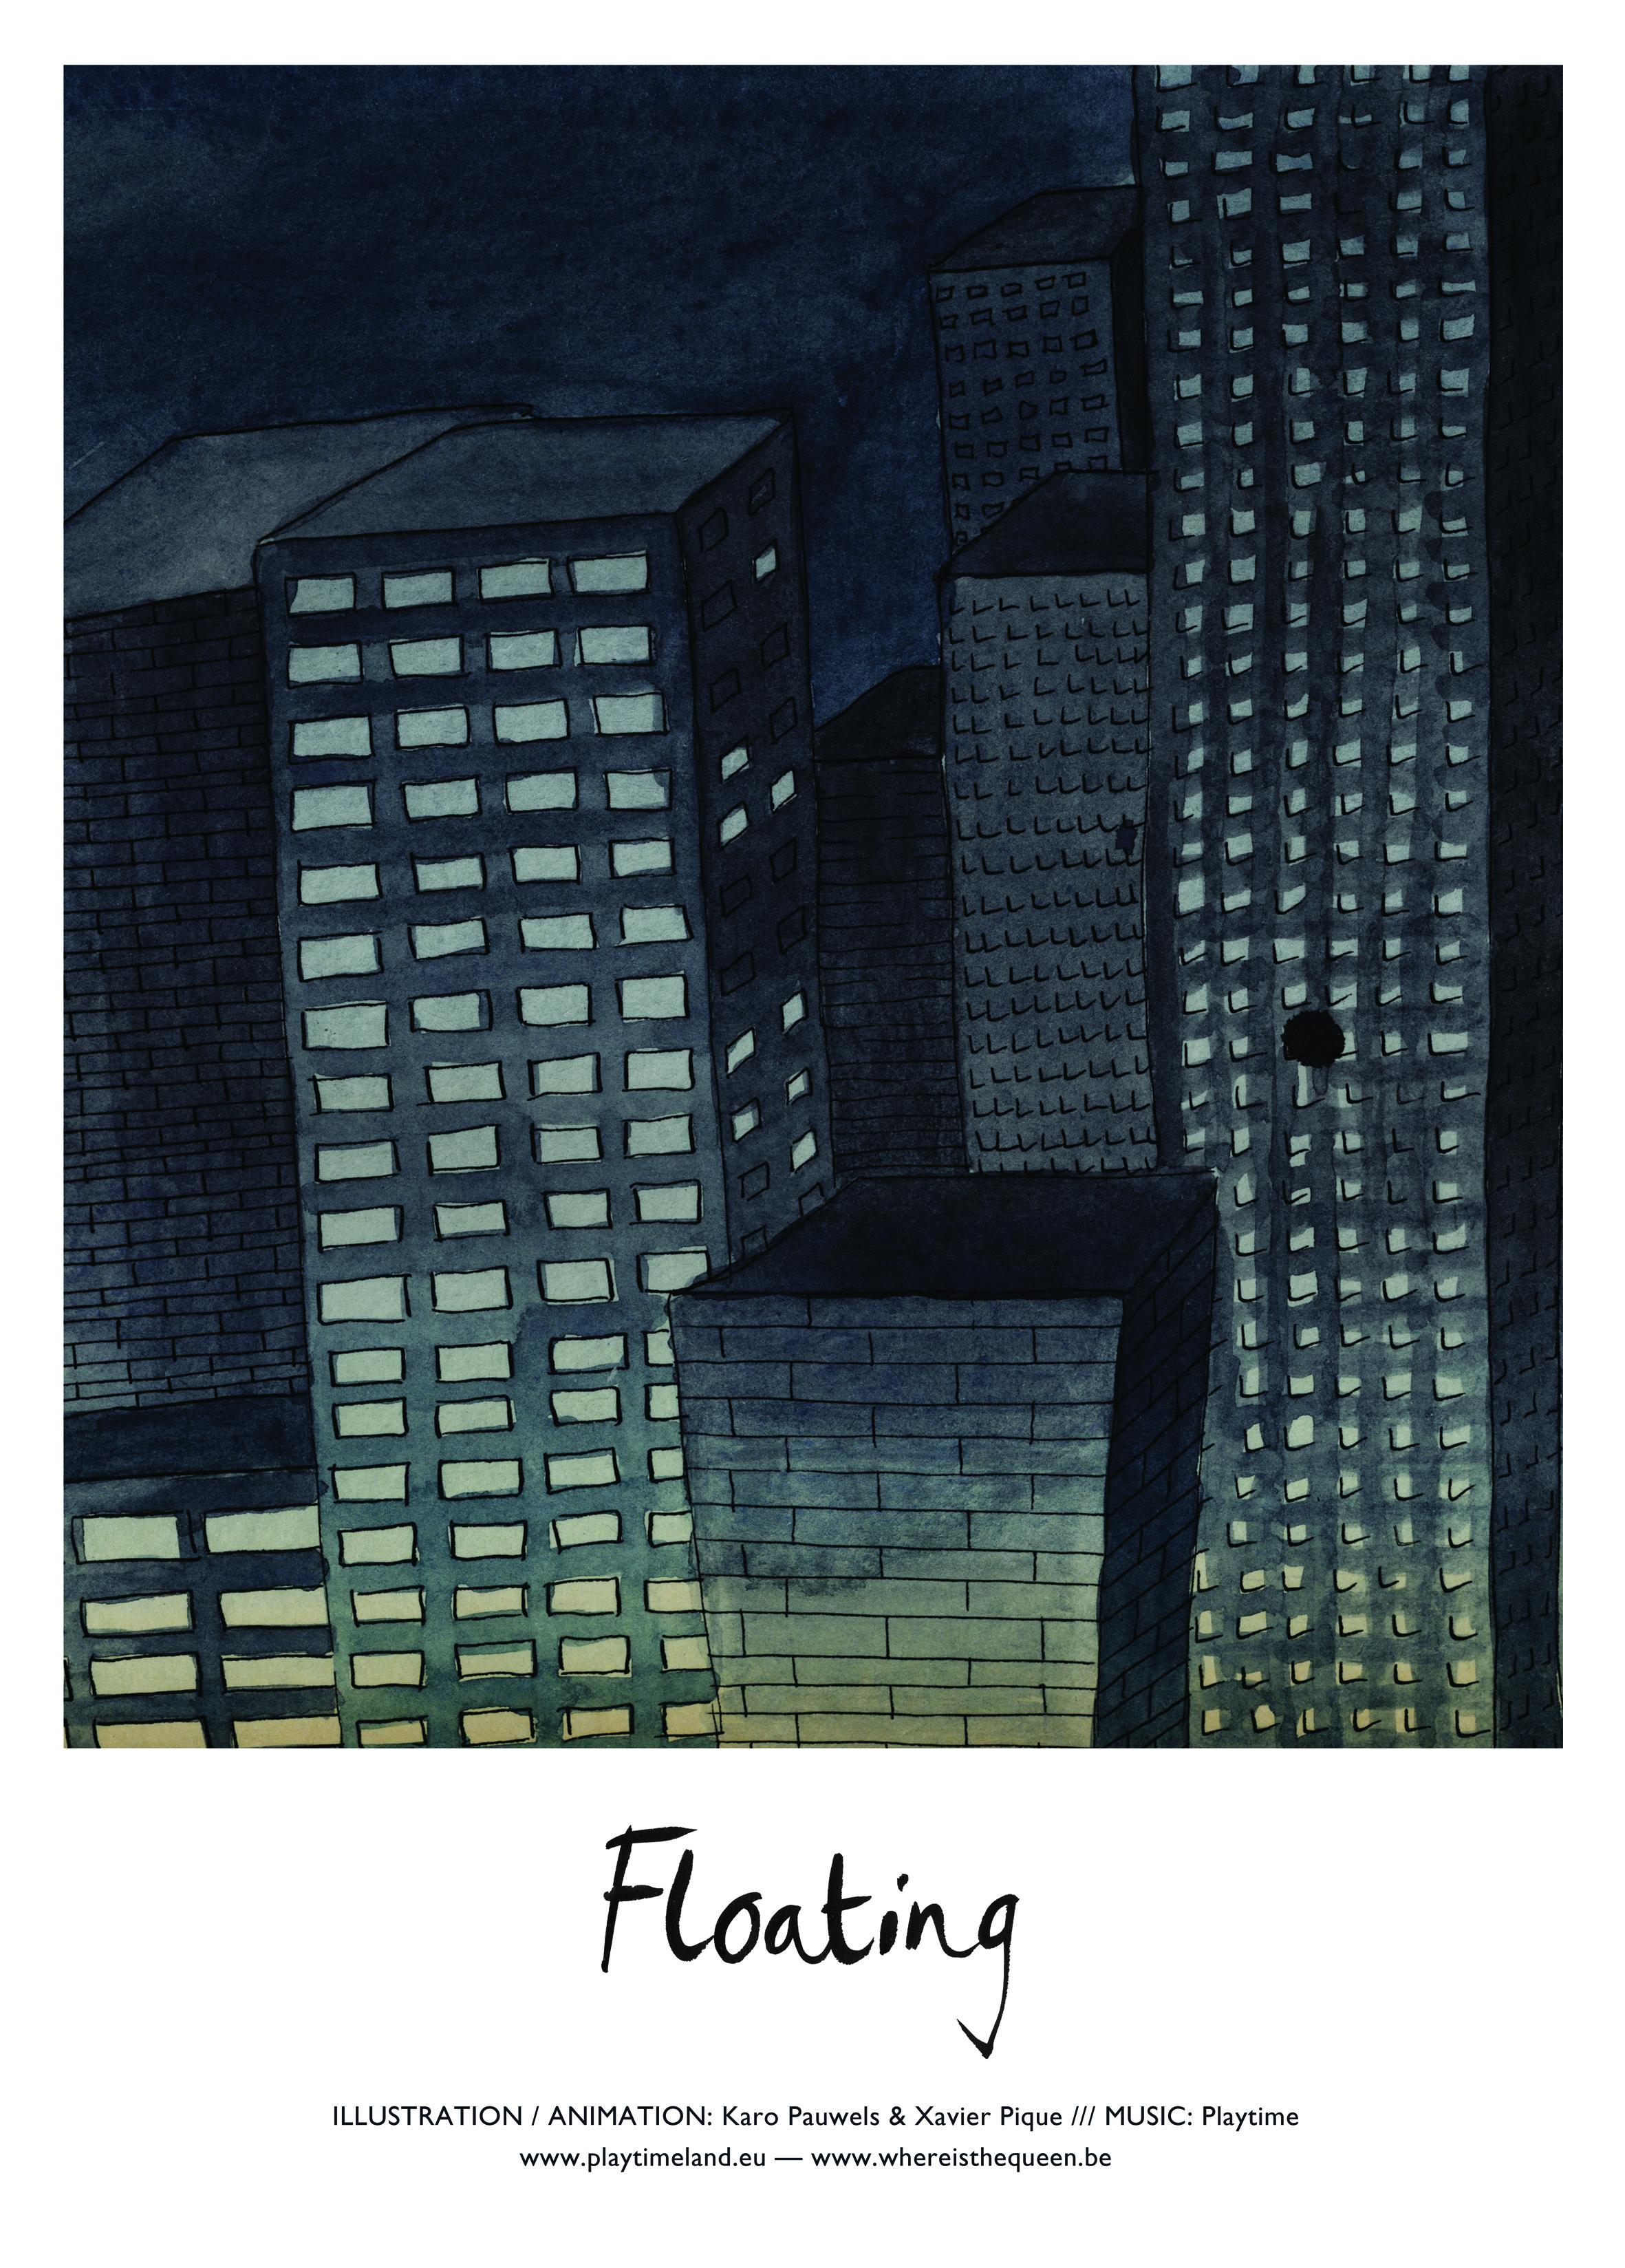 Affiche_floating_KaroPauwels_illustration_Bruxelles